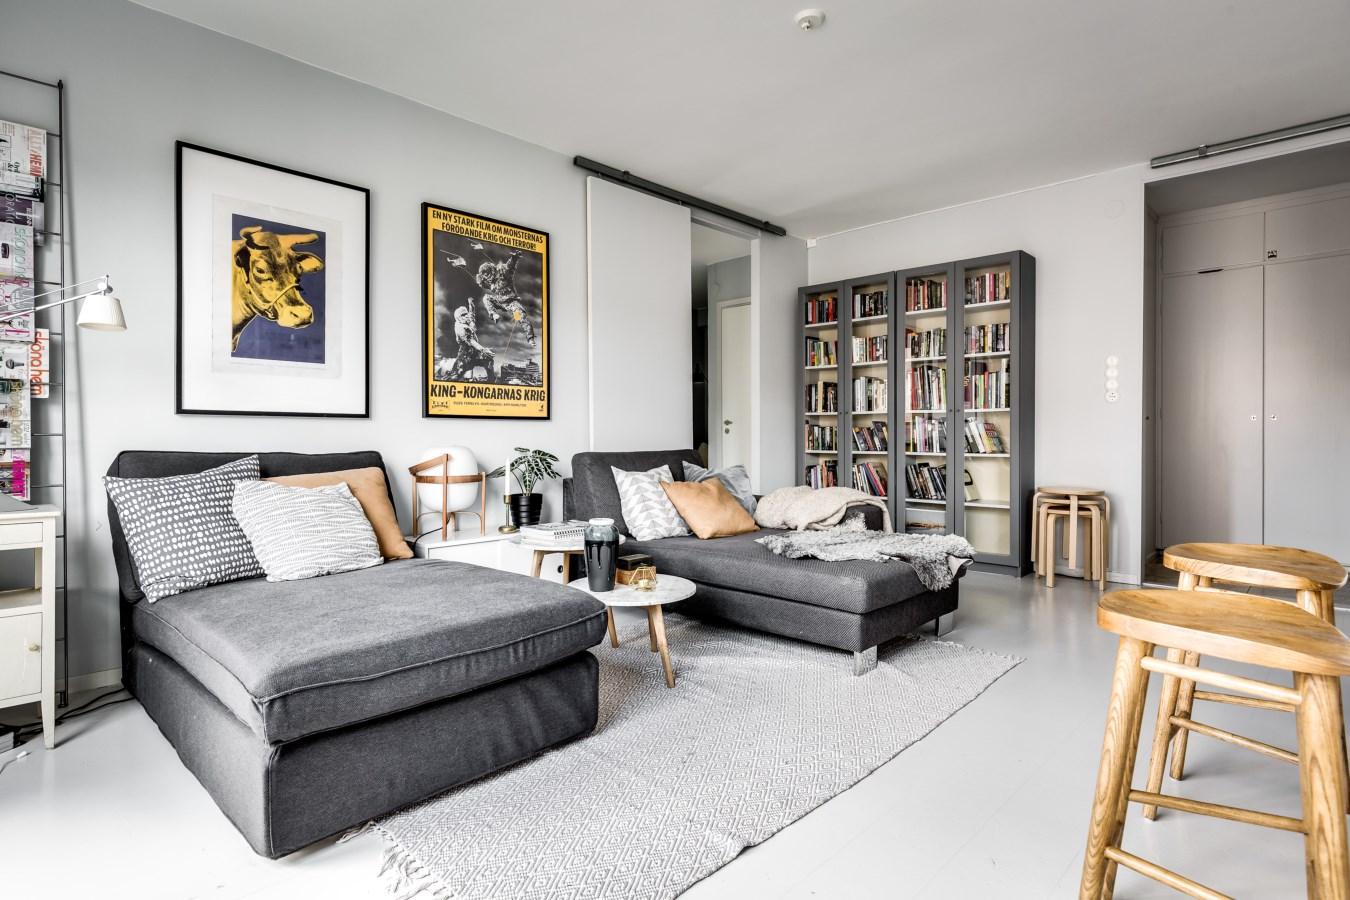 гостиная диван кушетка книжный шкаф